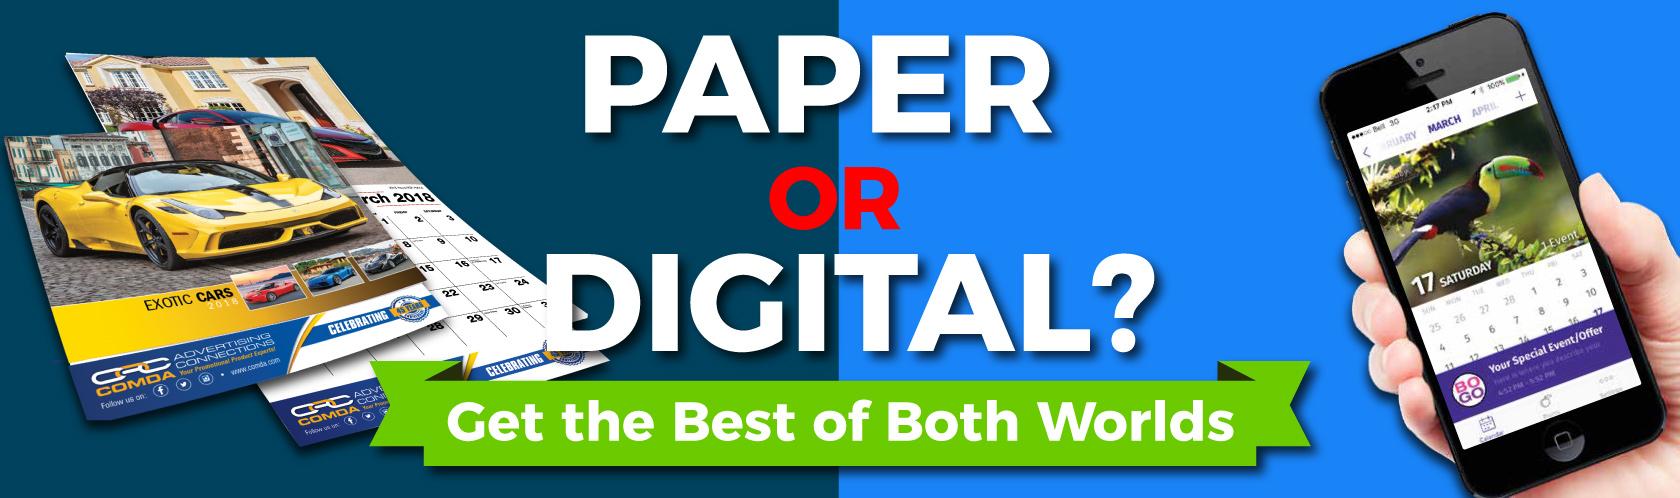 Paper or Digital?